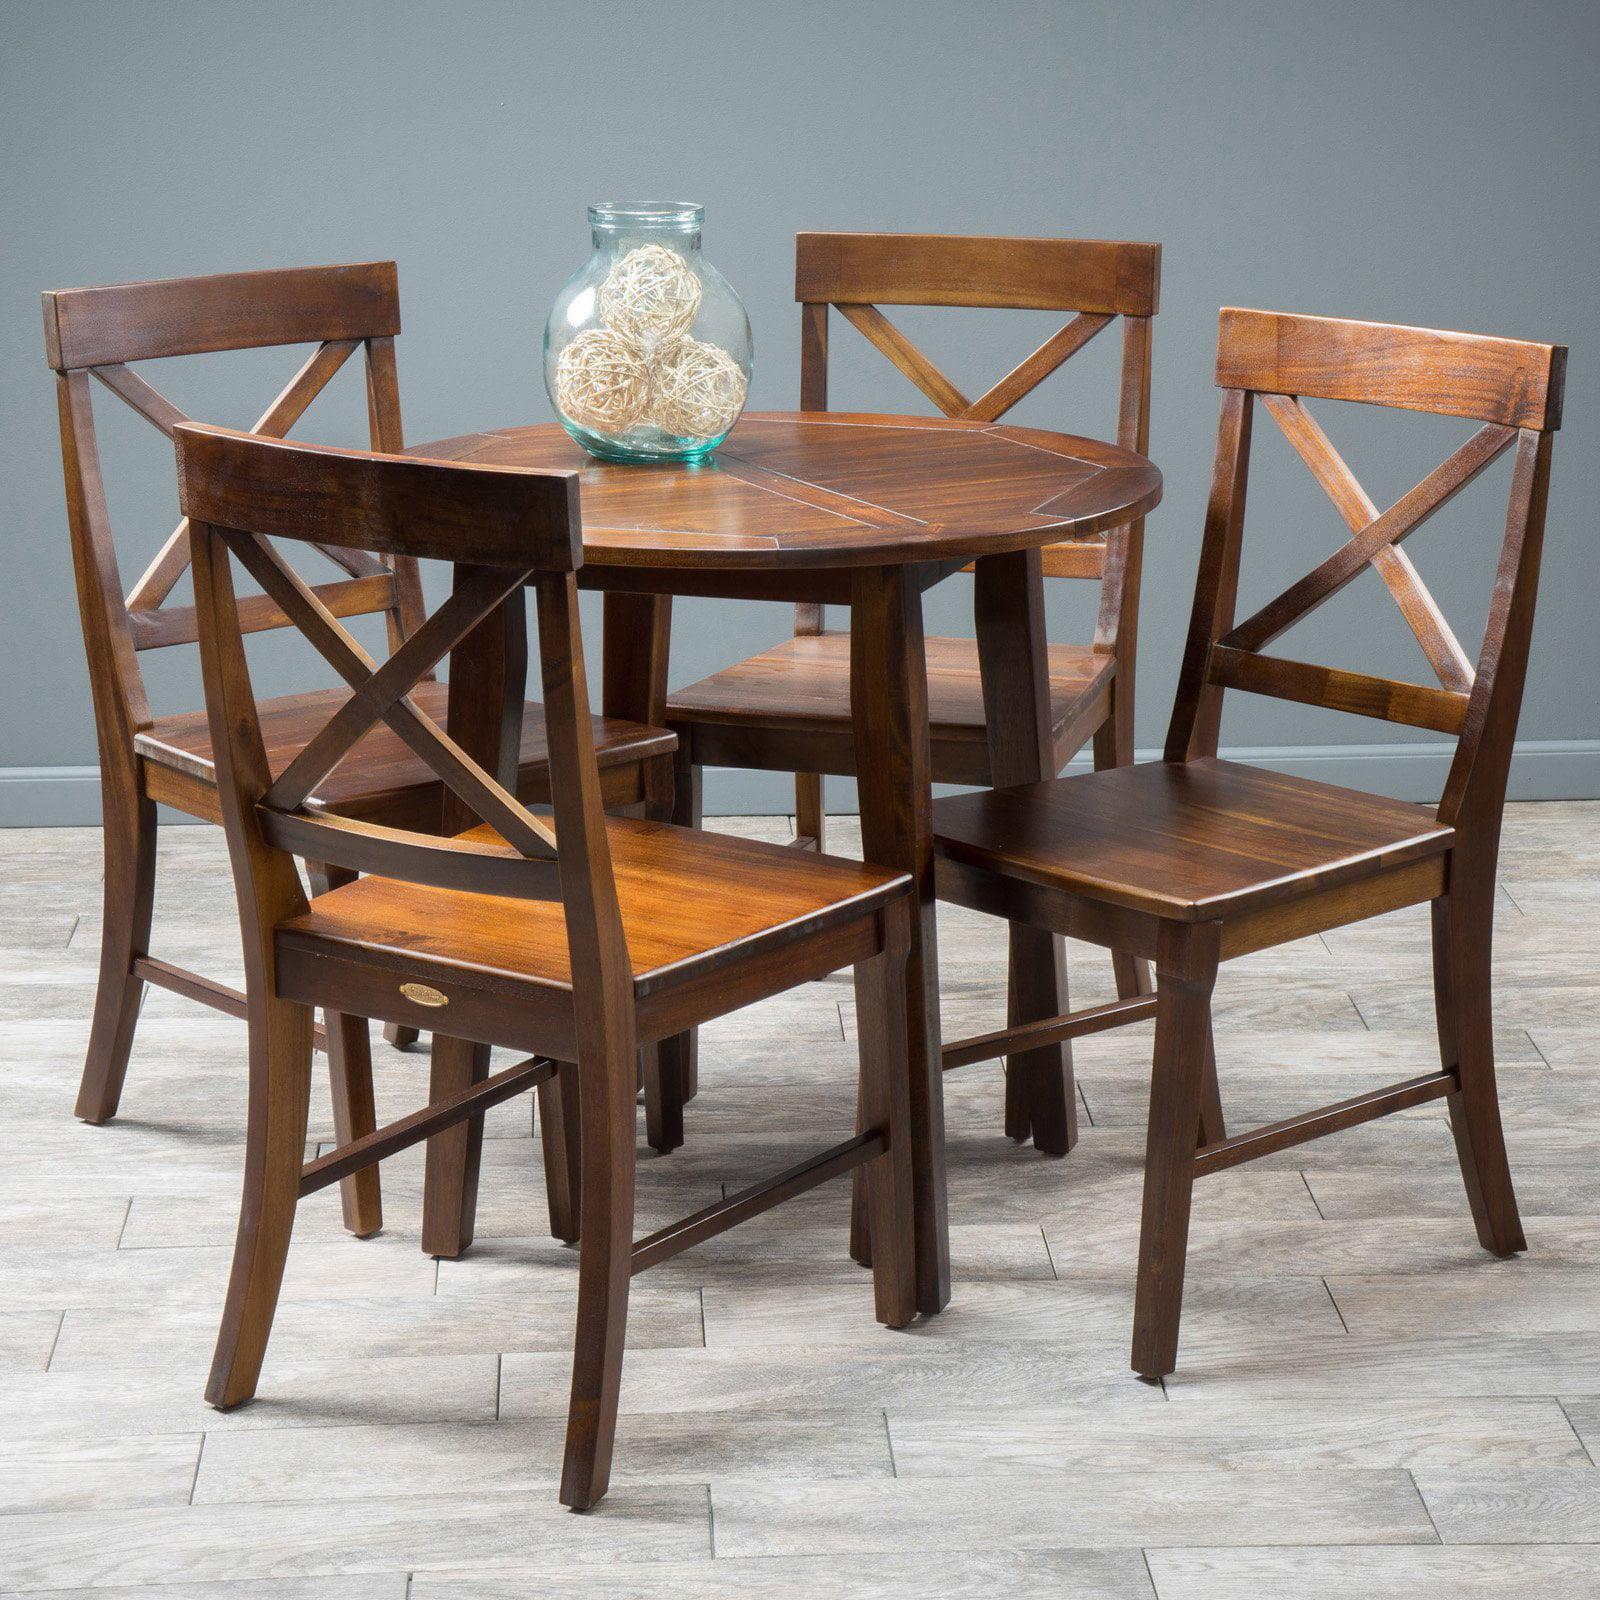 Derek 5 Piece Round Dining Table Set